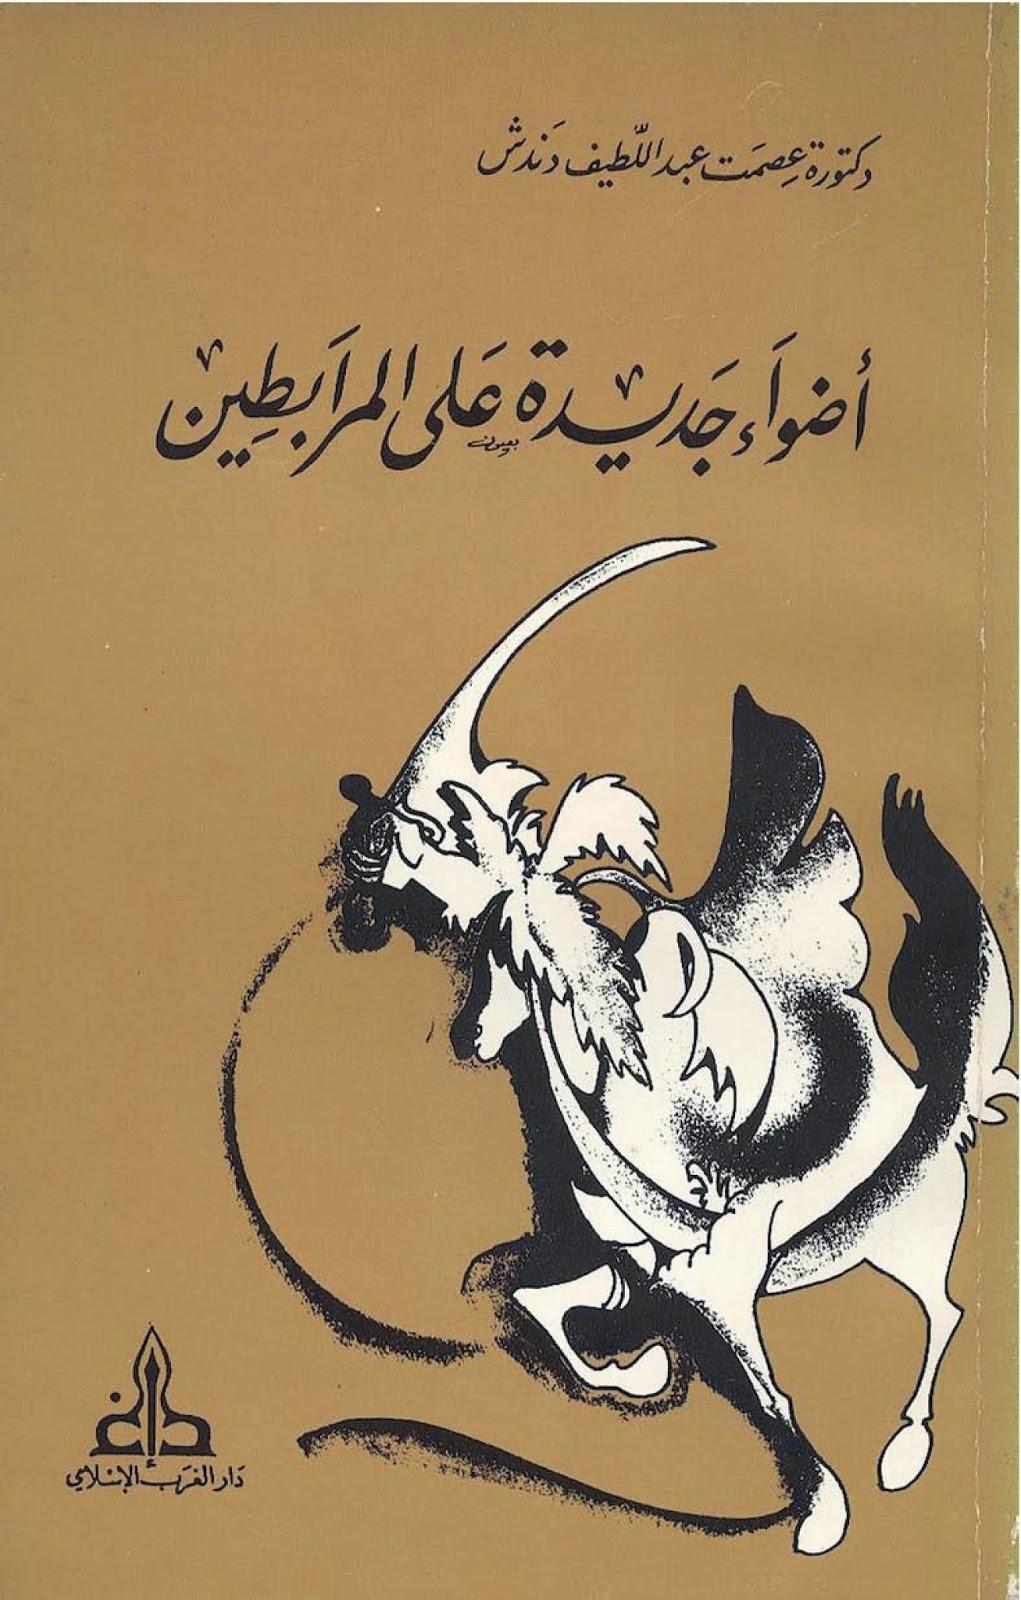 كتاب أضواء جديدة على المرابطين لـ عصمت عبد اللطيف دندش